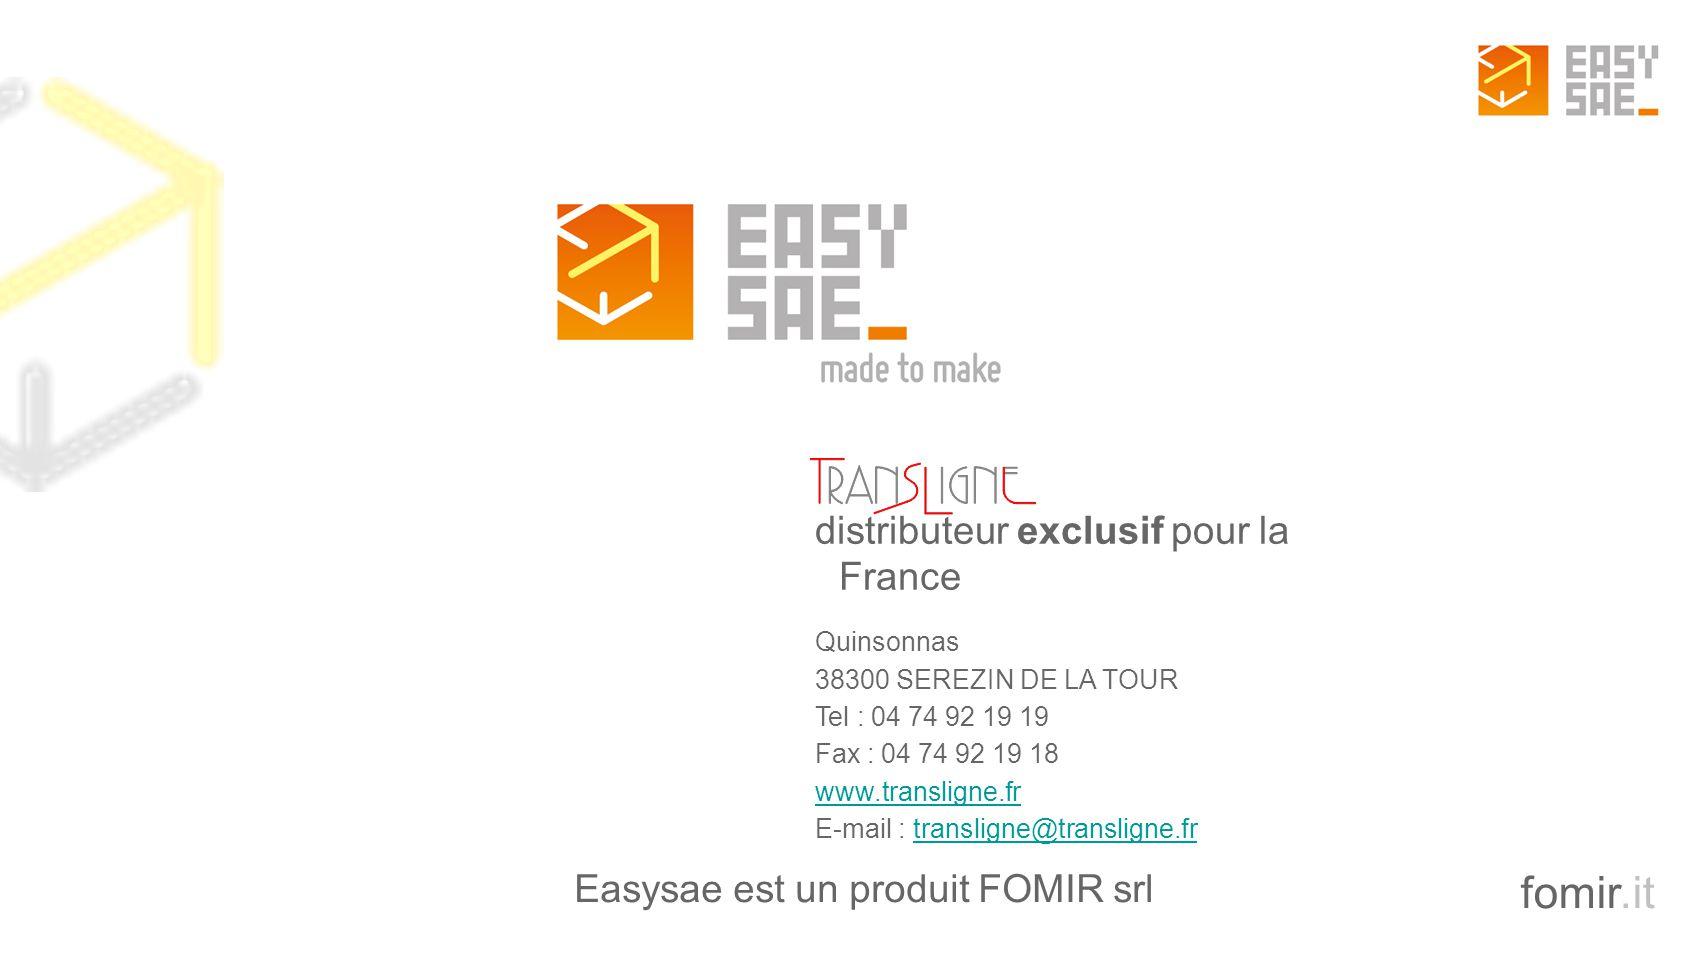 fomir.it Easysae est un produit FOMIR srl distributeur exclusif pour la France Quinsonnas 38300 SEREZIN DE LA TOUR Tel : 04 74 92 19 19 Fax : 04 74 92